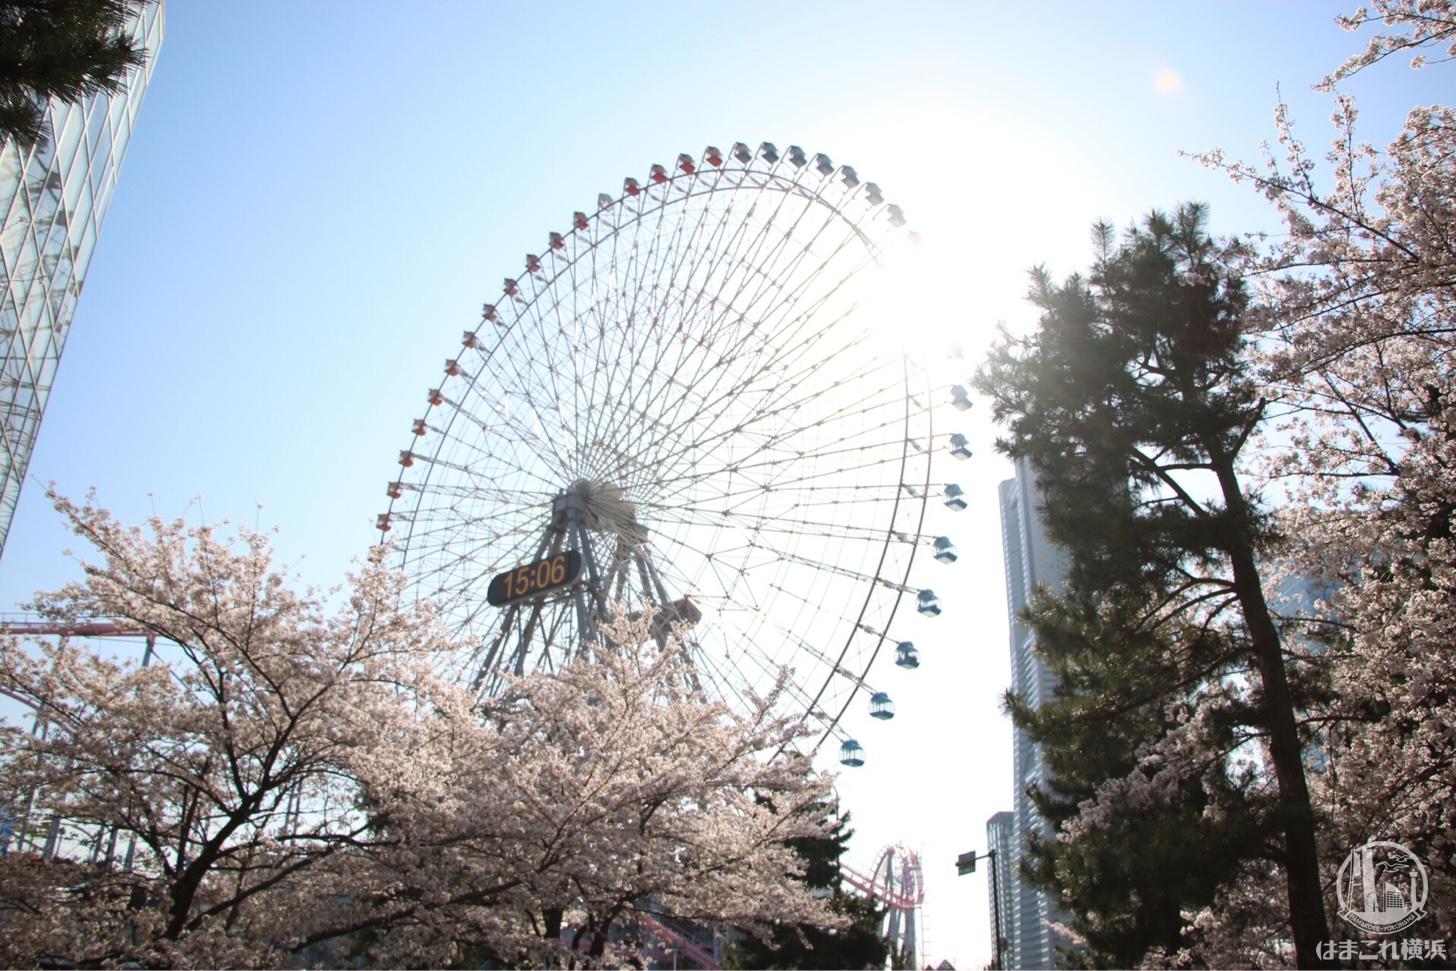 ・コスモクロック21と桜